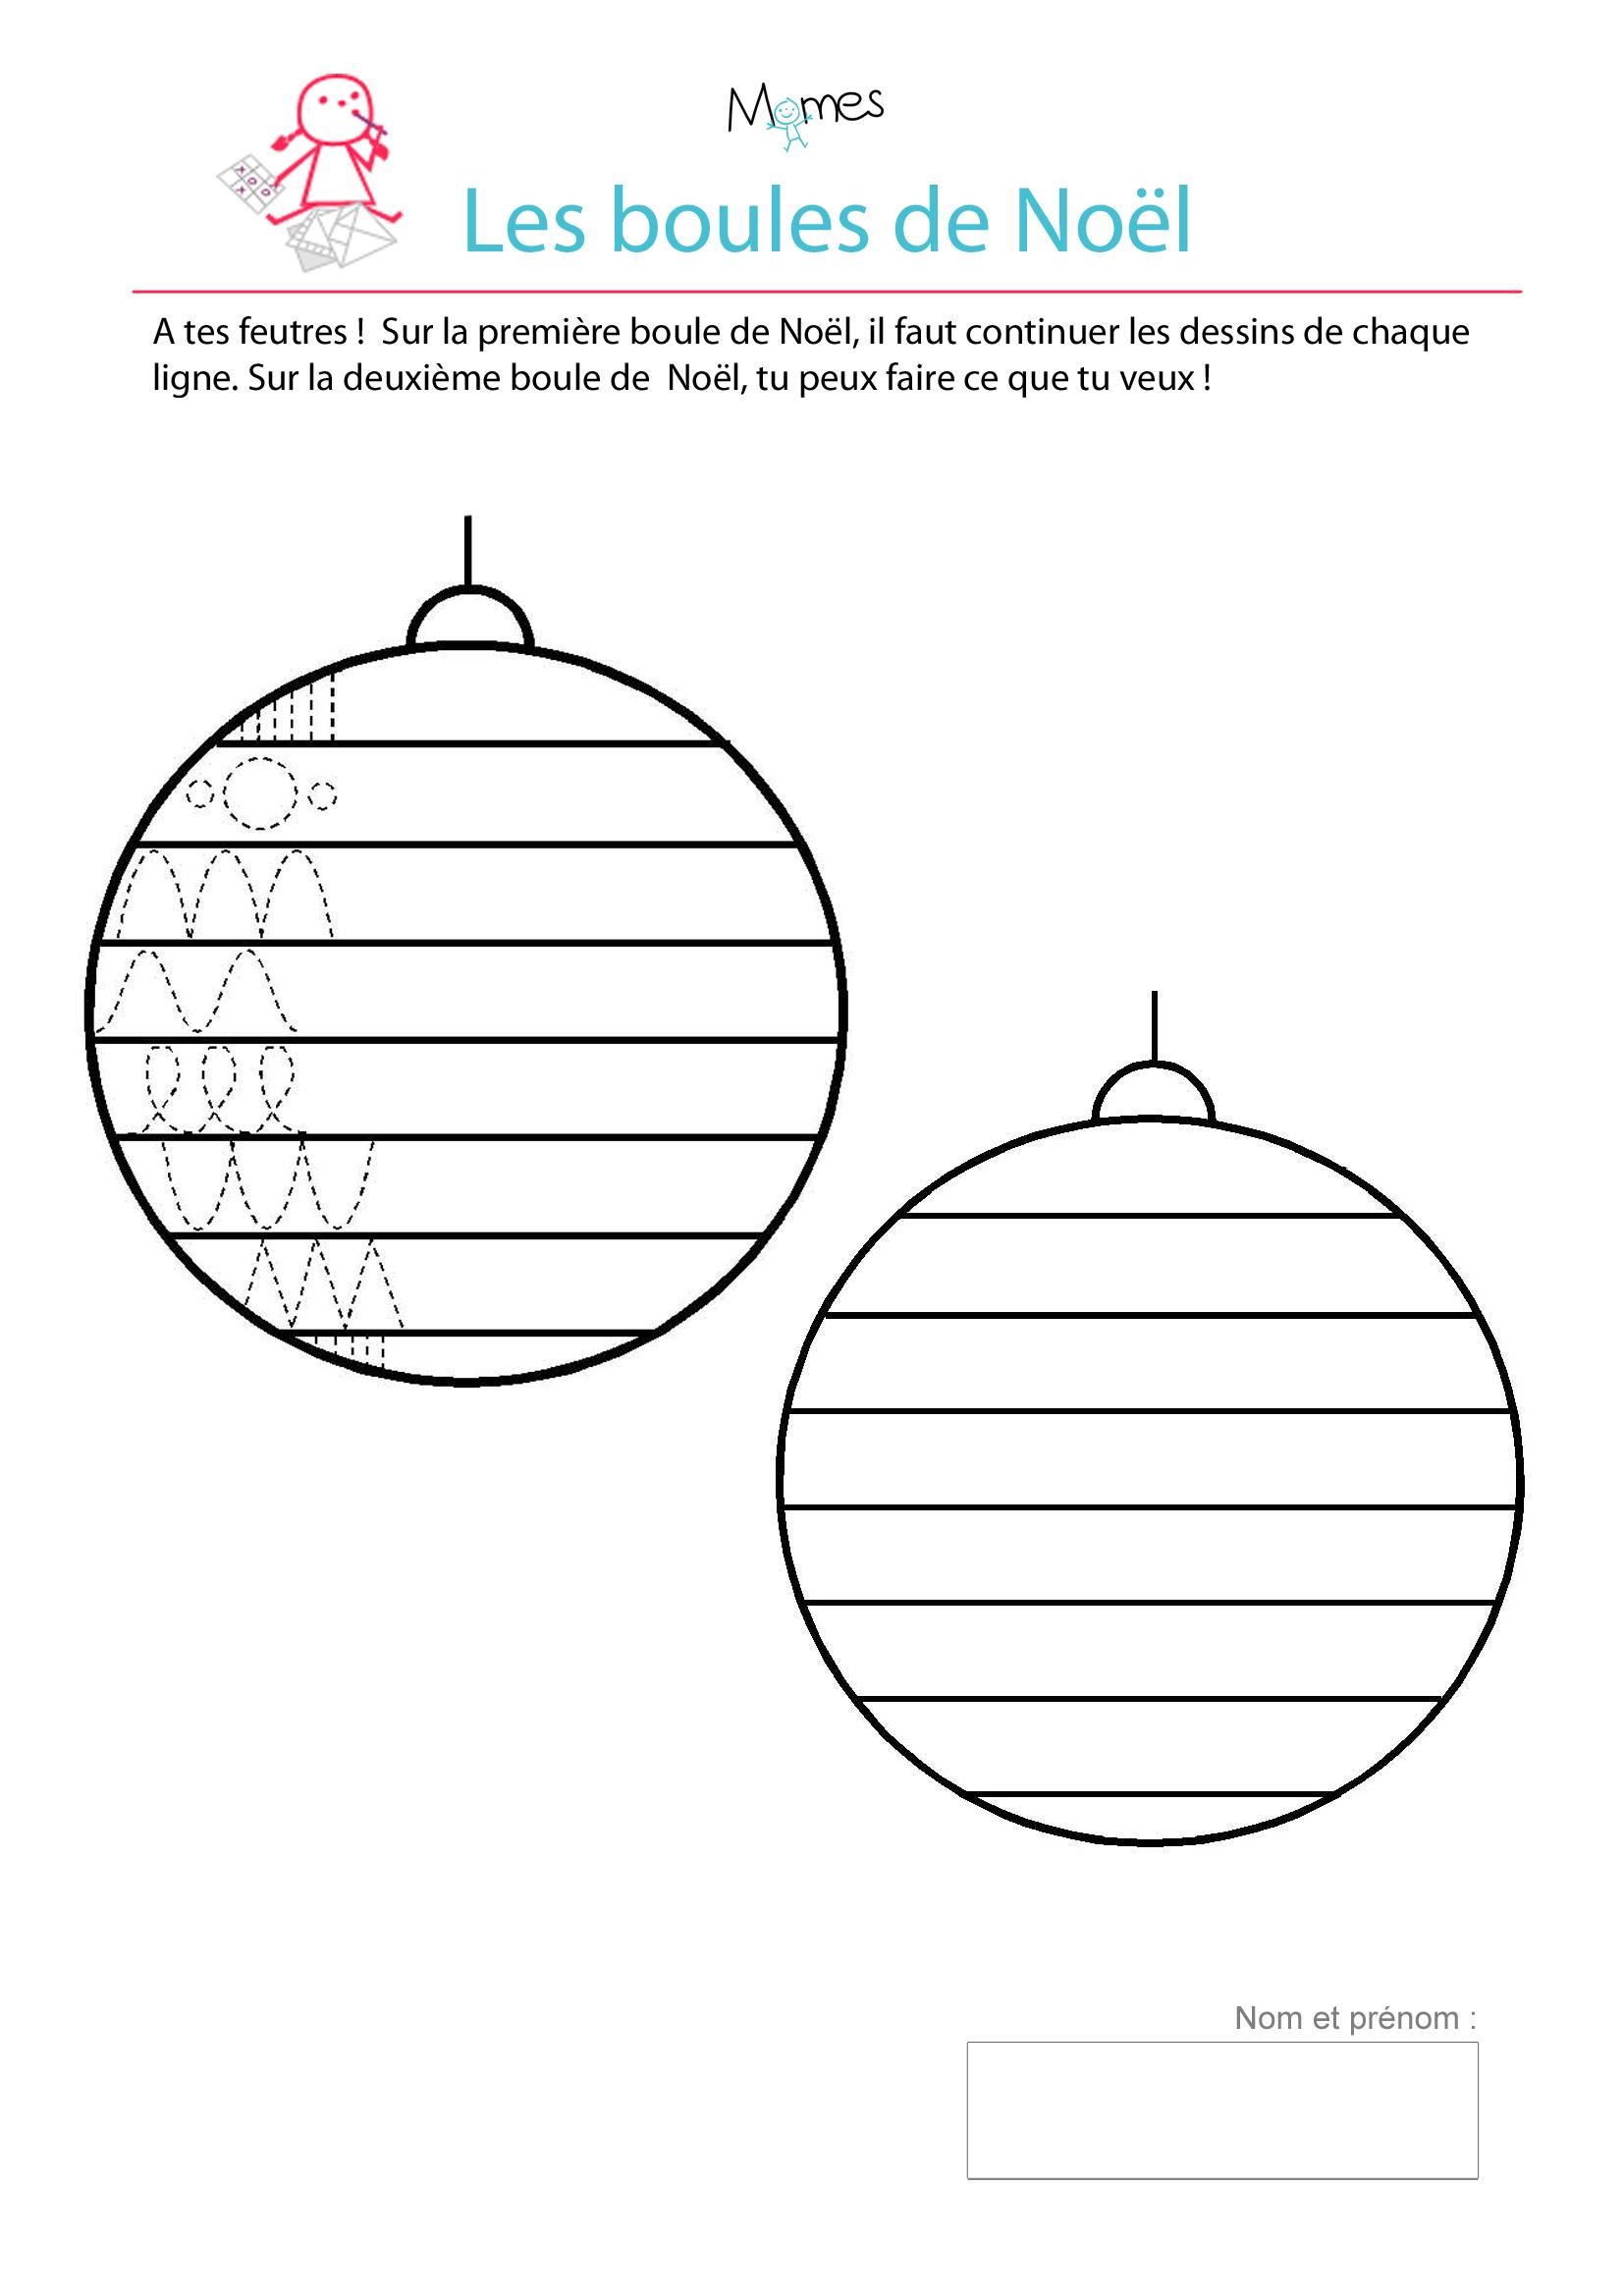 Décore les boules de Noël   Exercice de tracé   MOMES.net